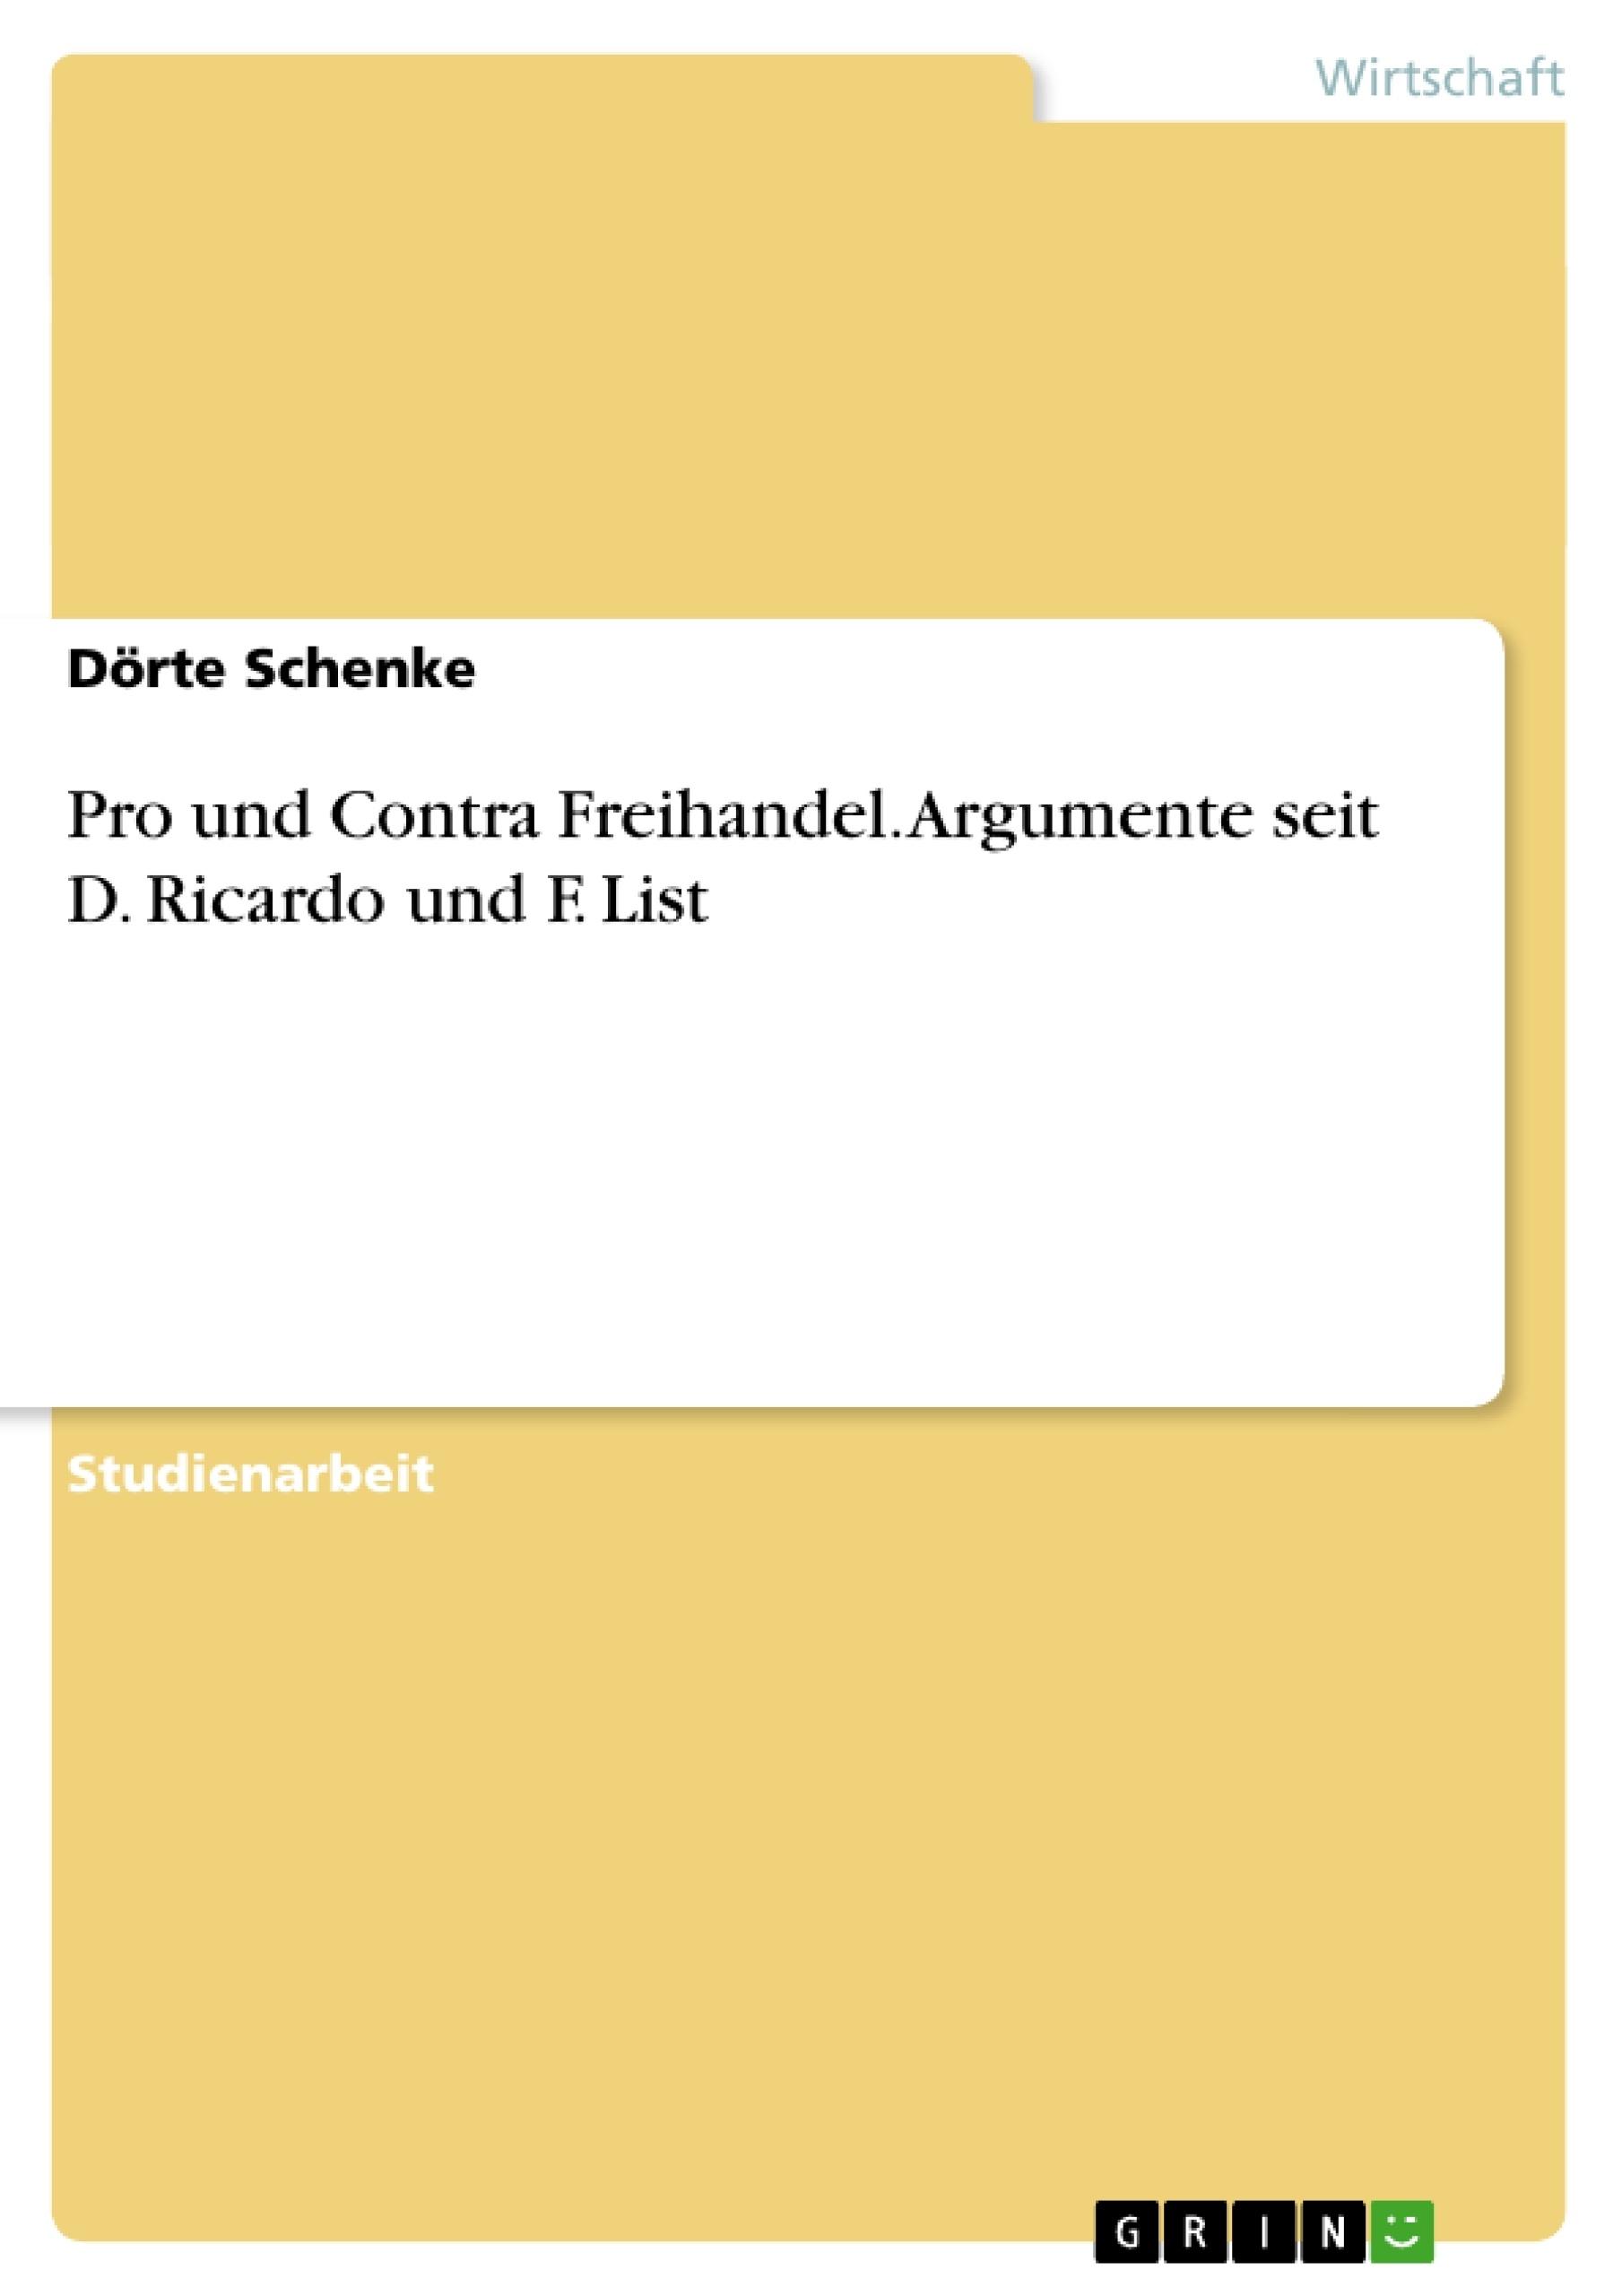 Titel: Pro und Contra Freihandel. Argumente seit D. Ricardo und F. List